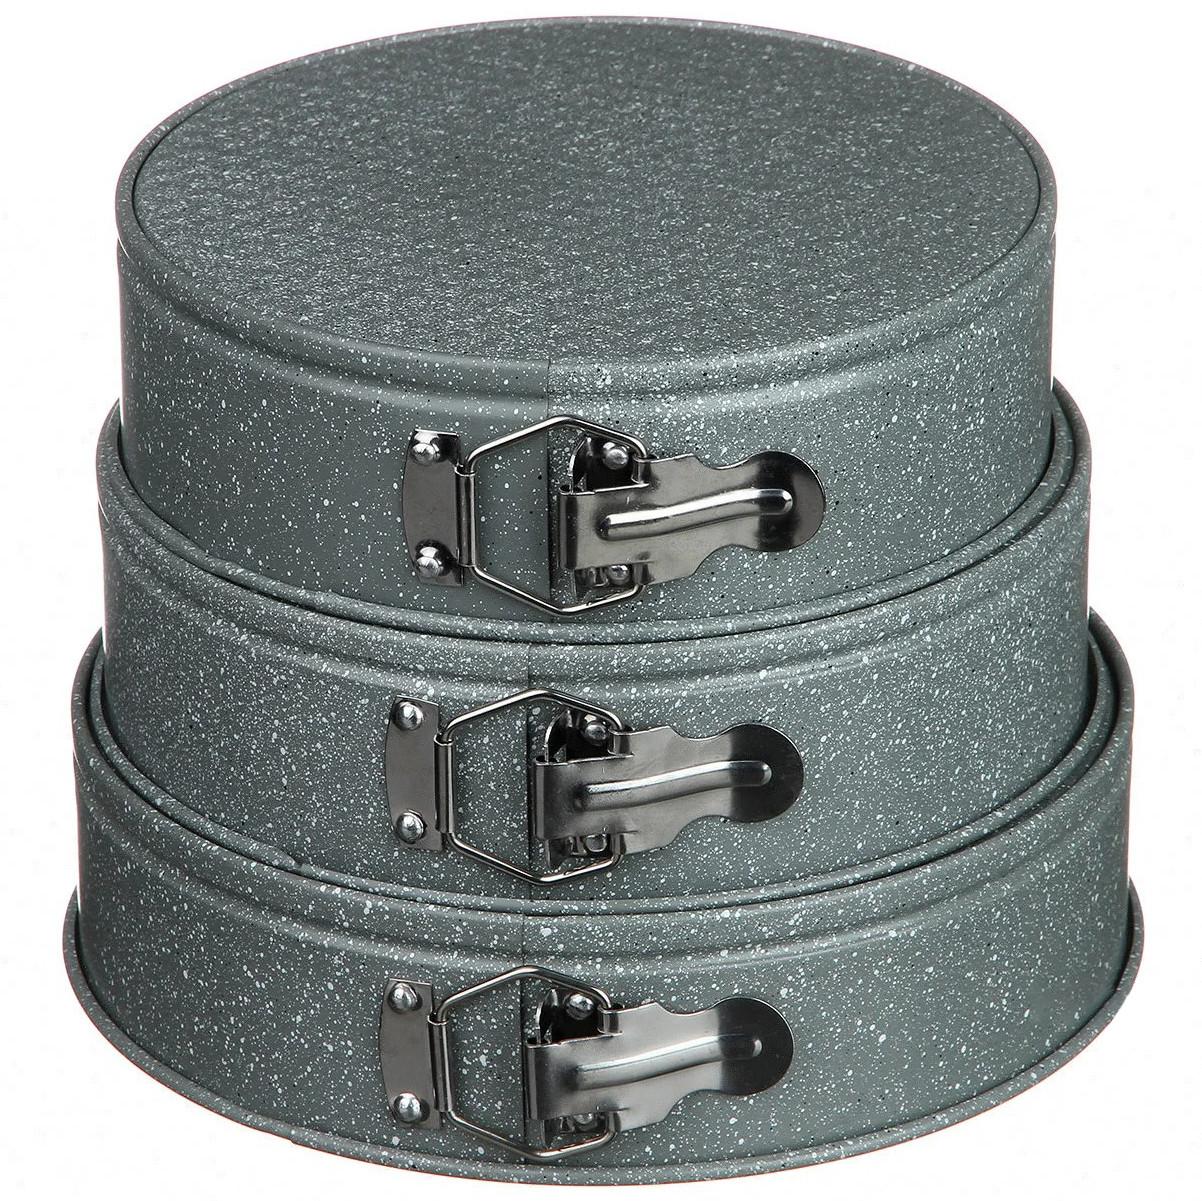 Формы для выпечки разьемные A-PLUS 3 шт мраморное покрытие